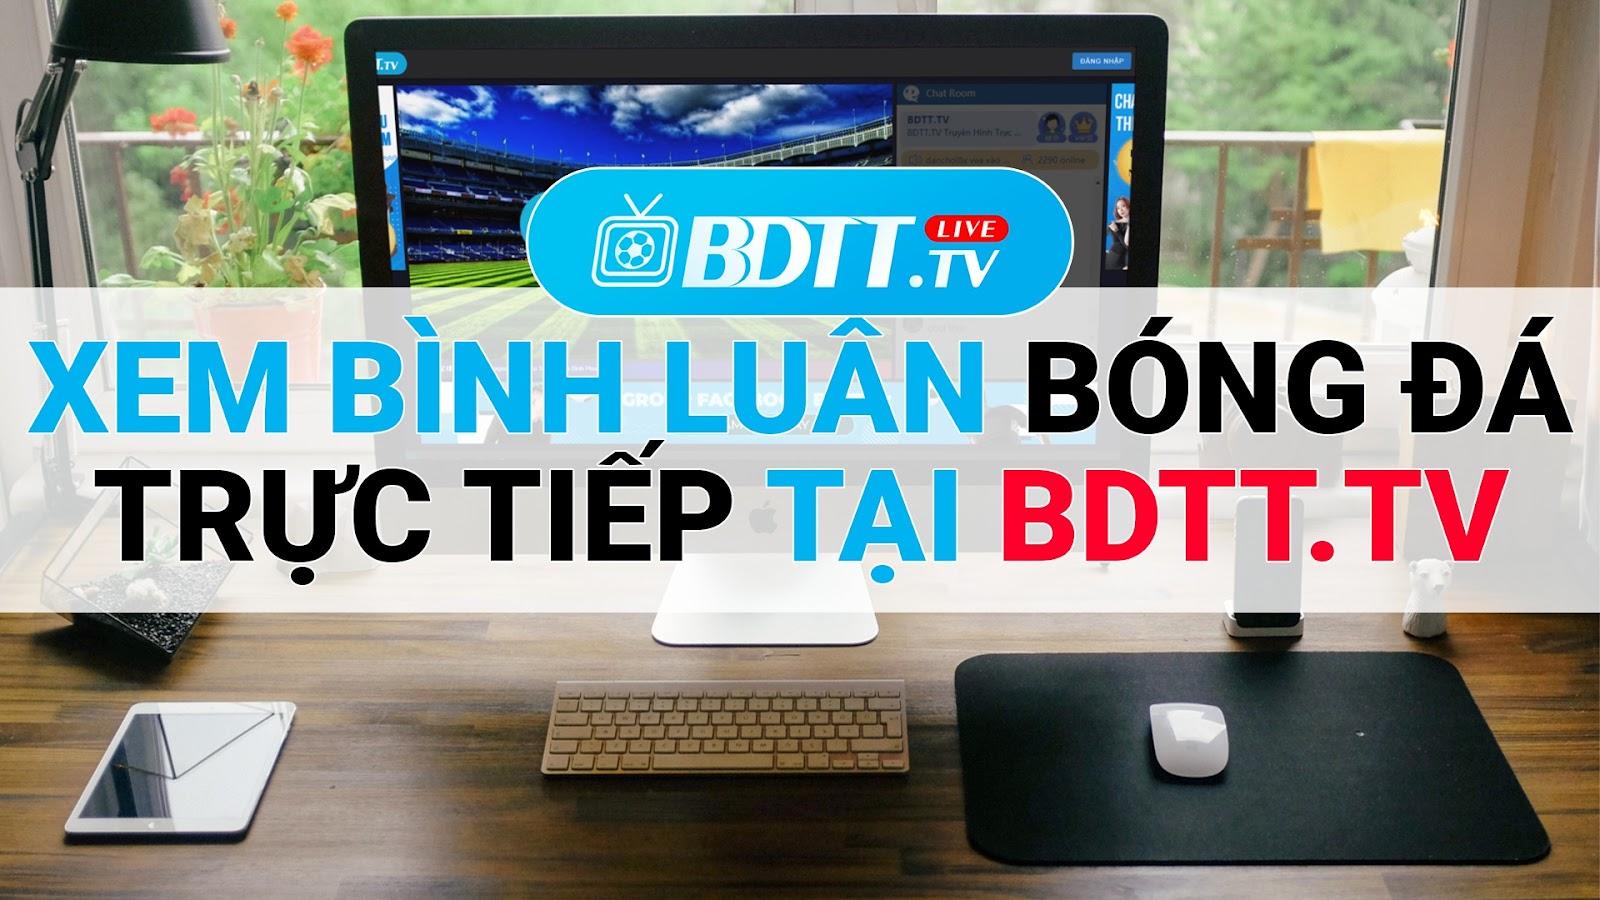 BDTT.tv  - Xem trực tiếp bóng đá miễn phí, là kênh được nhiều anh em Fan bóng đá đánh giá cao hiện nay, bởi những tính năng tối ưu mà kênh đem đến cho người xem là những tính năng tiện ích, phù hợp với tất cả những người bận rộn sống trong thời đại mới và thích xem bóng đá trực tiếp.